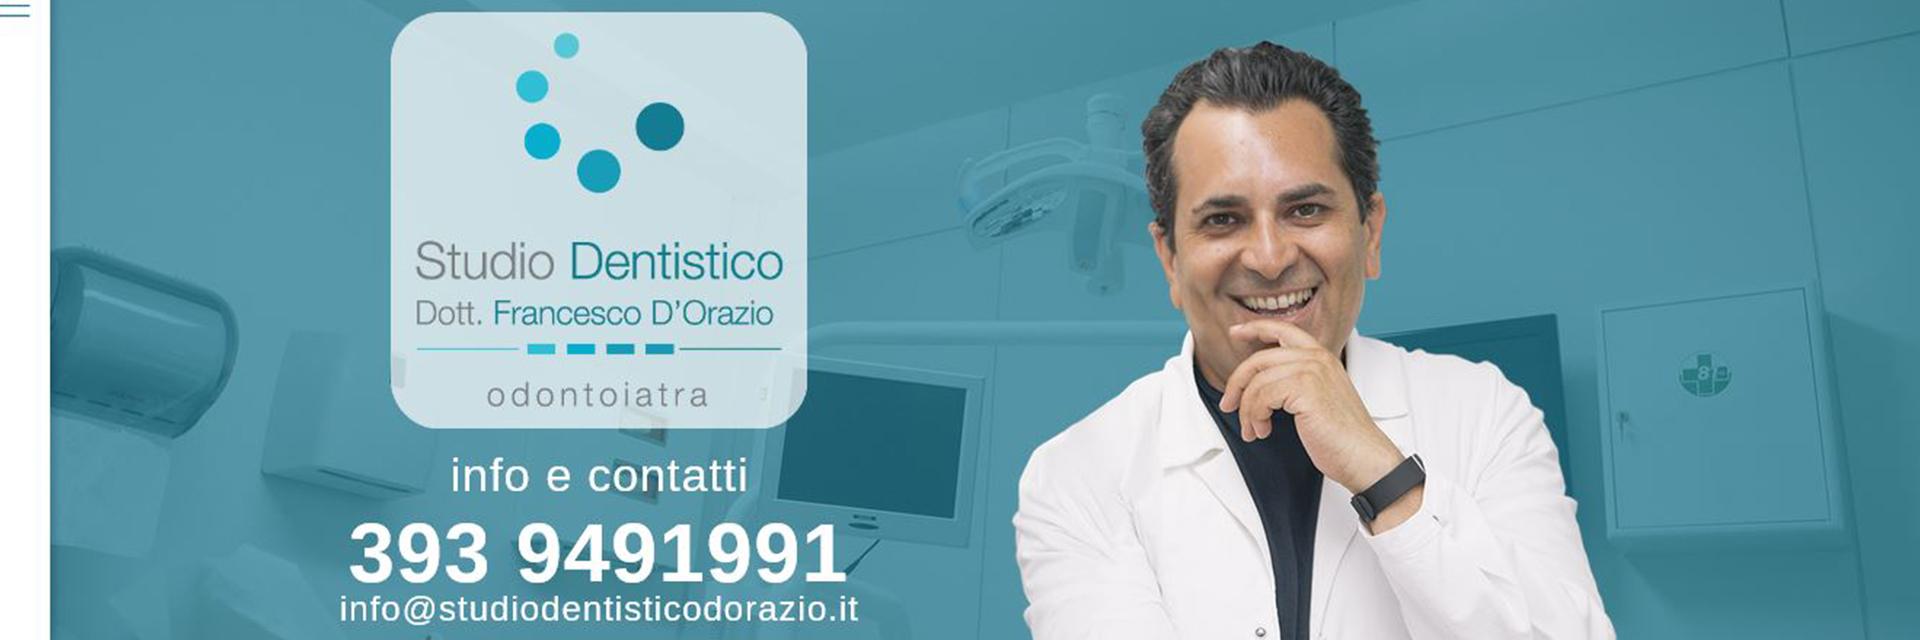 screen-studio-dentistico-dorazio-3